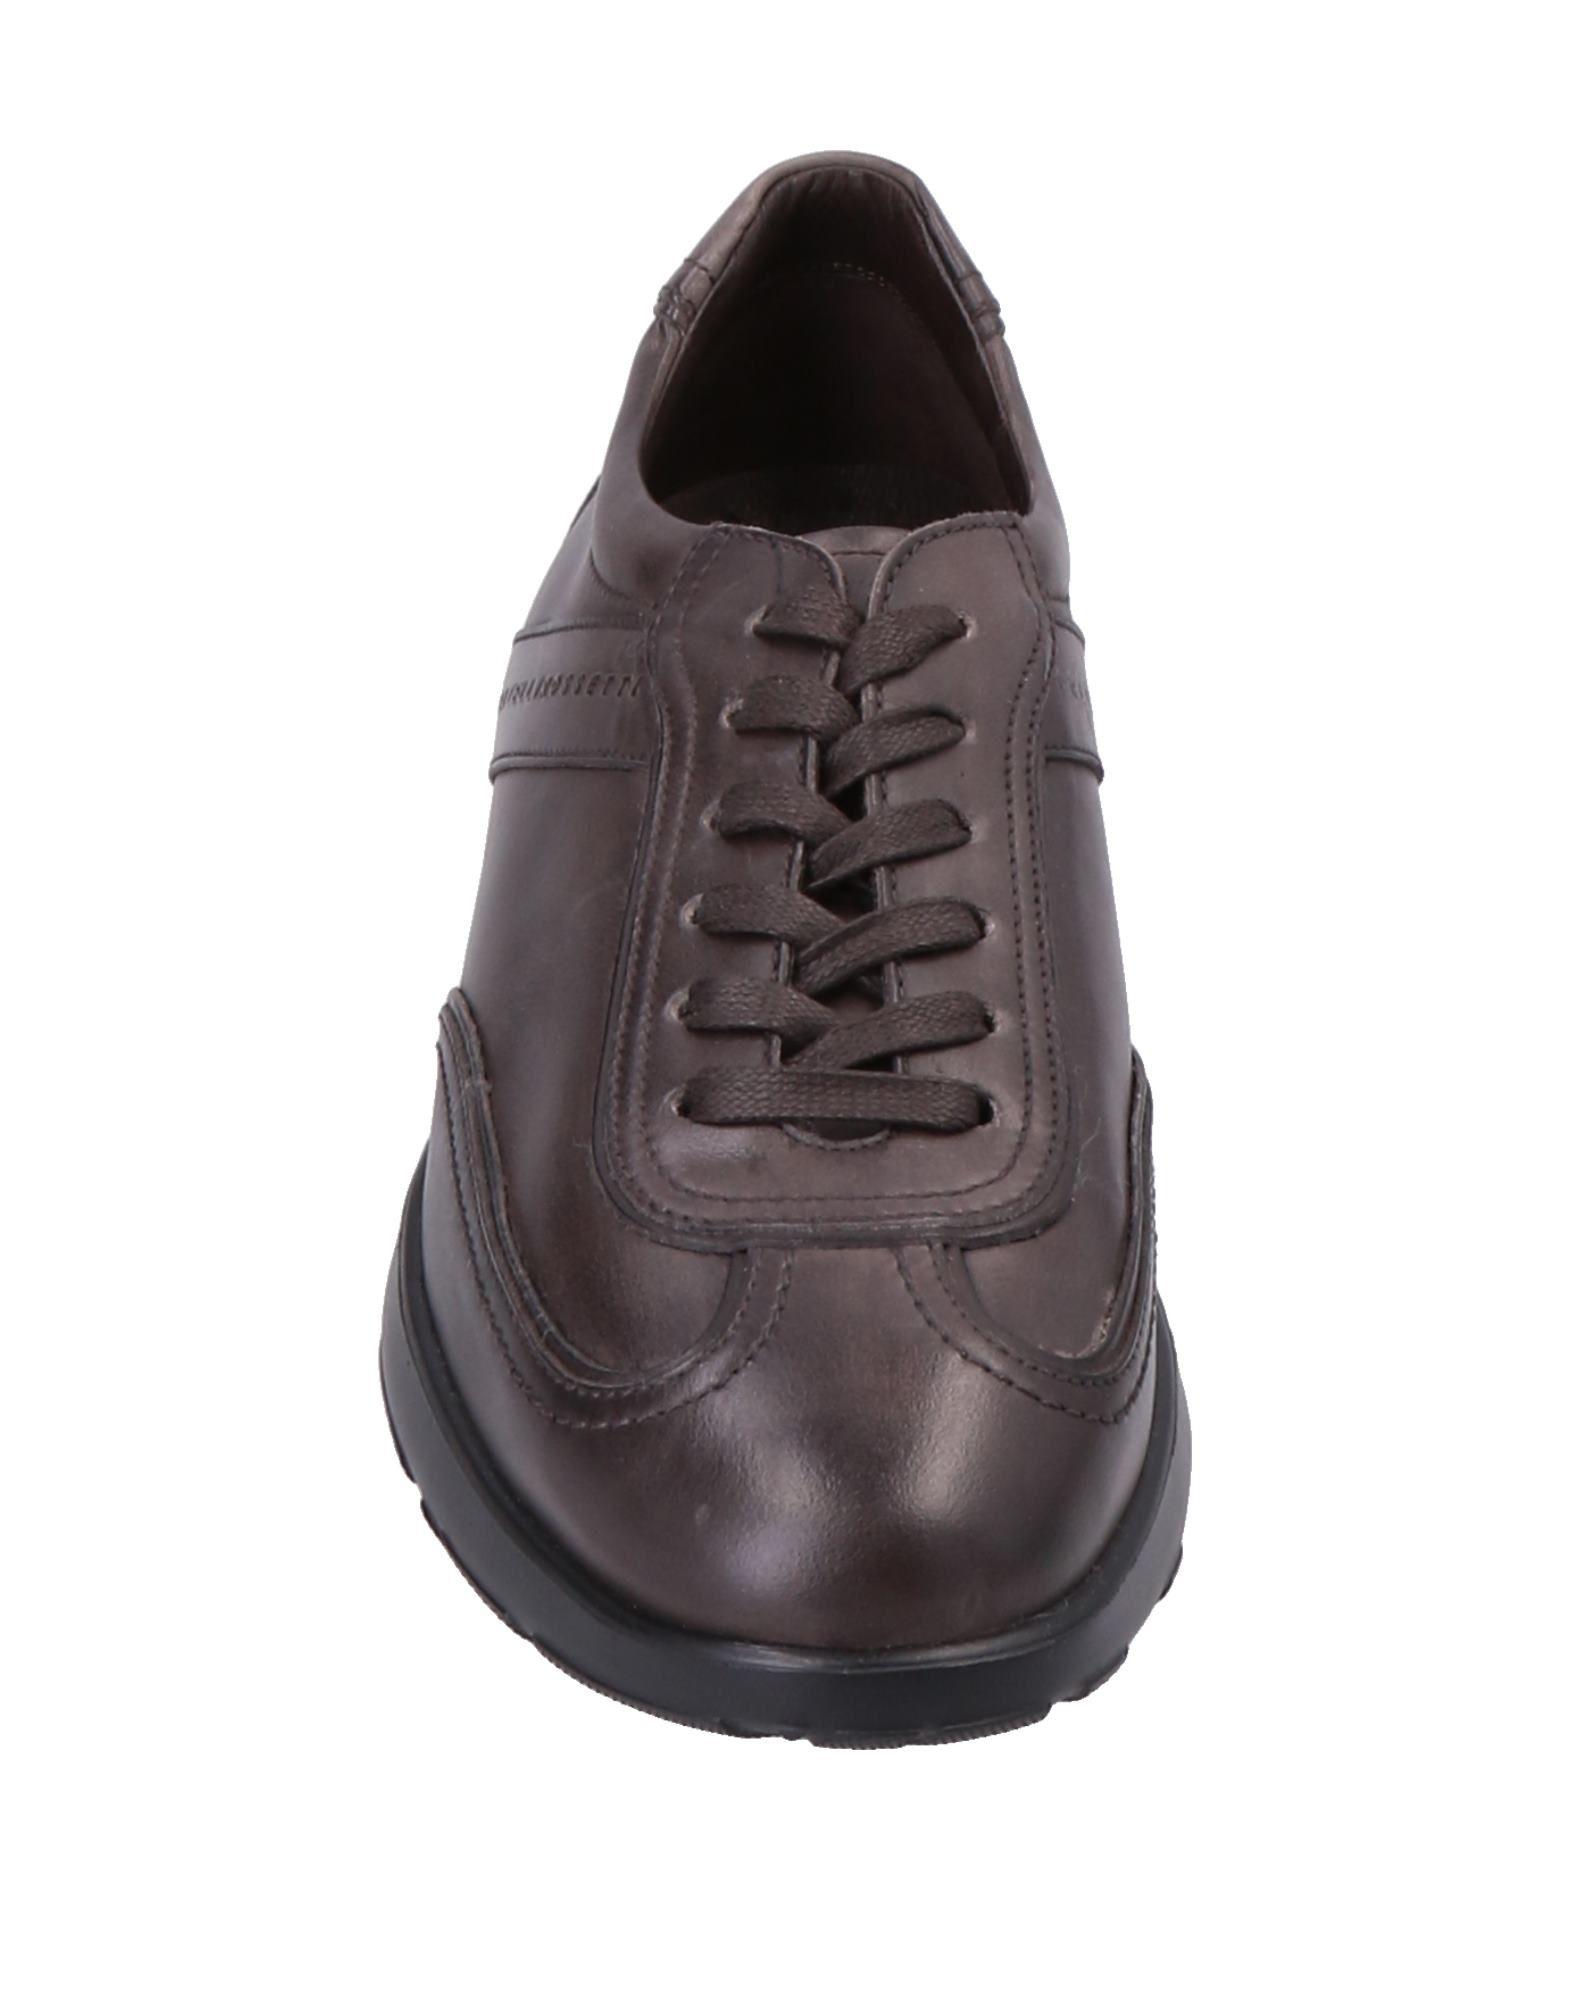 Fratelli Rossetti Gute Sneakers Herren  11556738ER Gute Rossetti Qualität beliebte Schuhe 50ec47